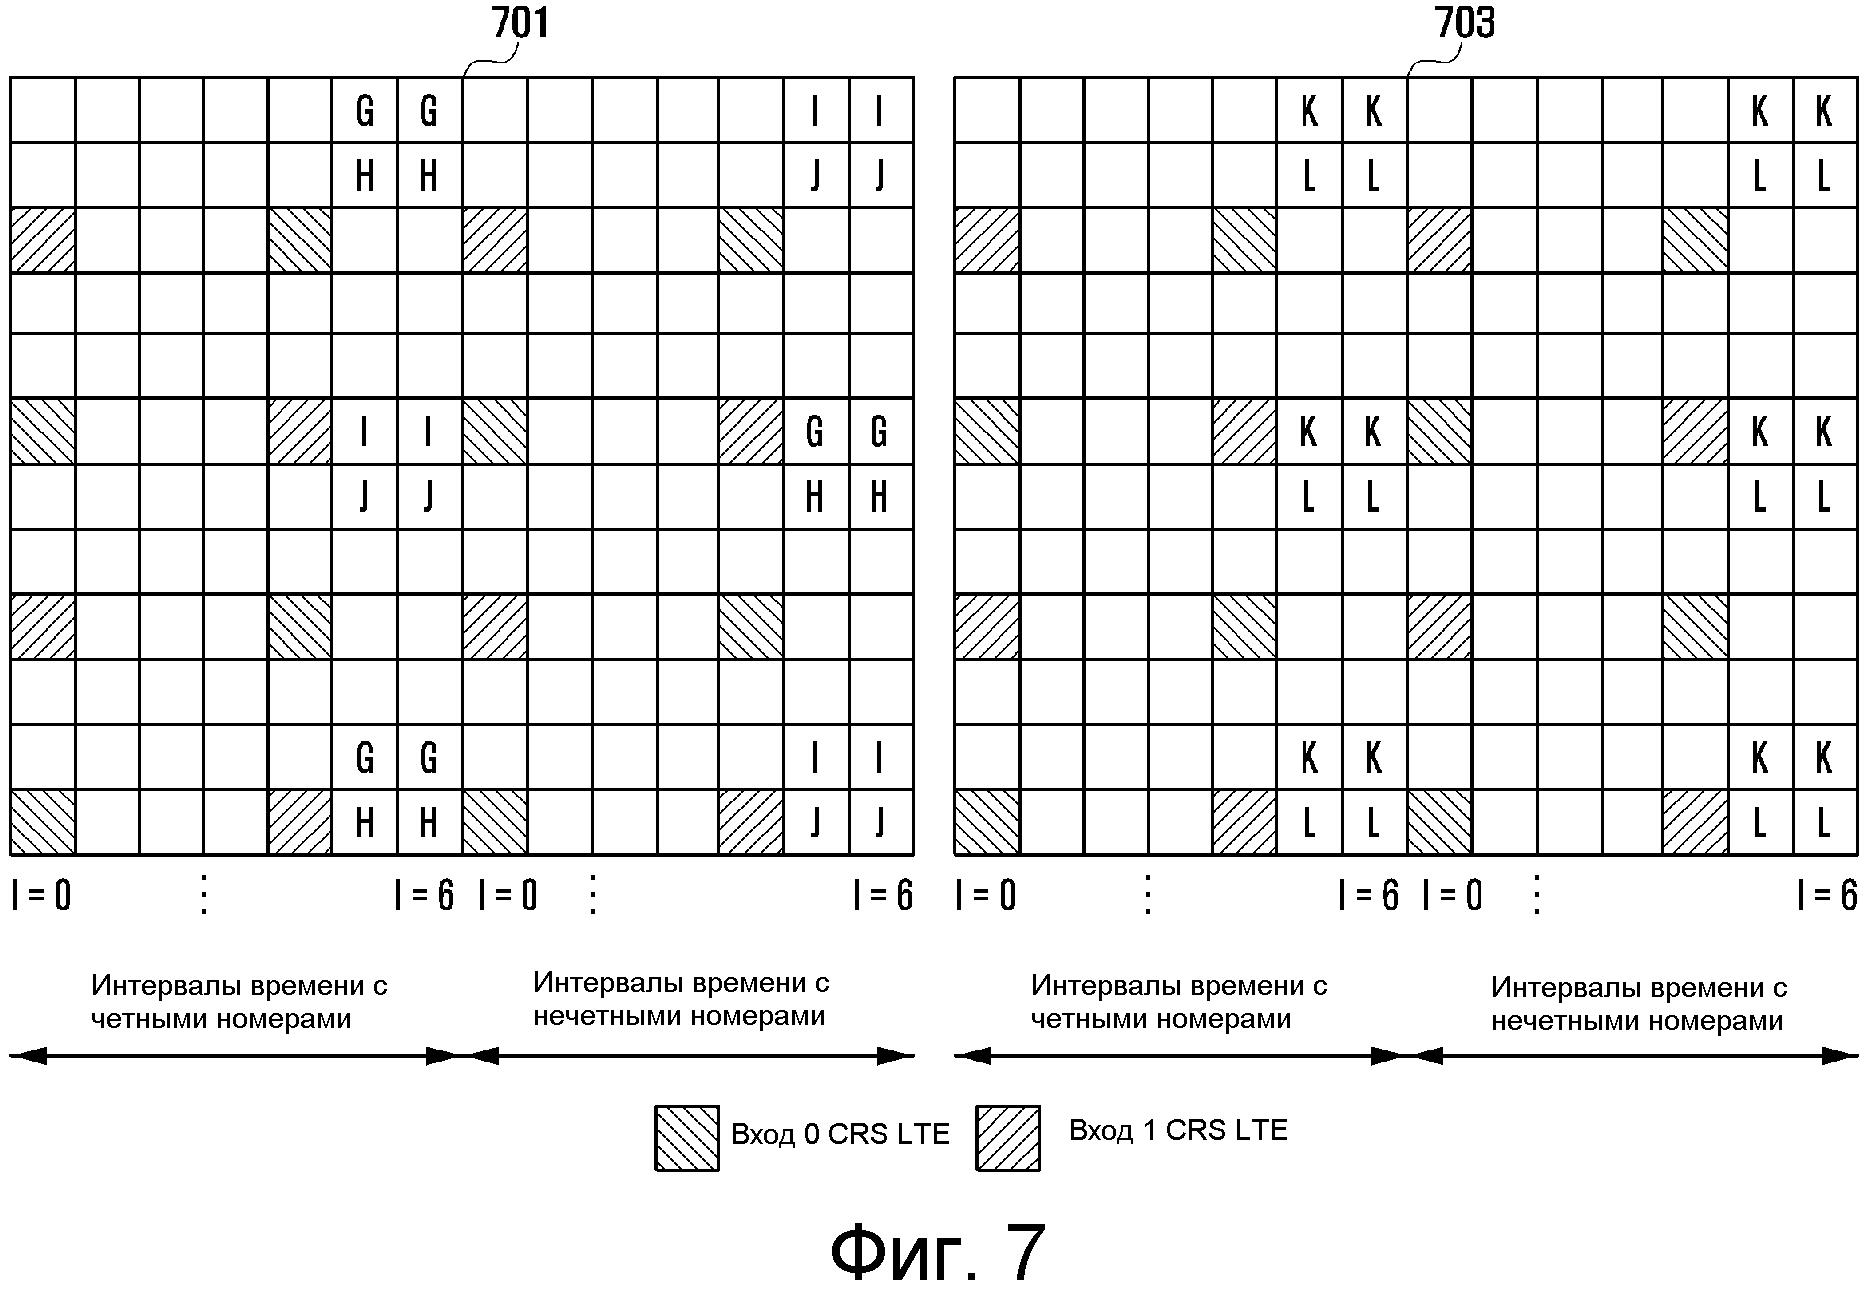 Способ и система для разрешения объединения блоков ресурсов в системах lte-a